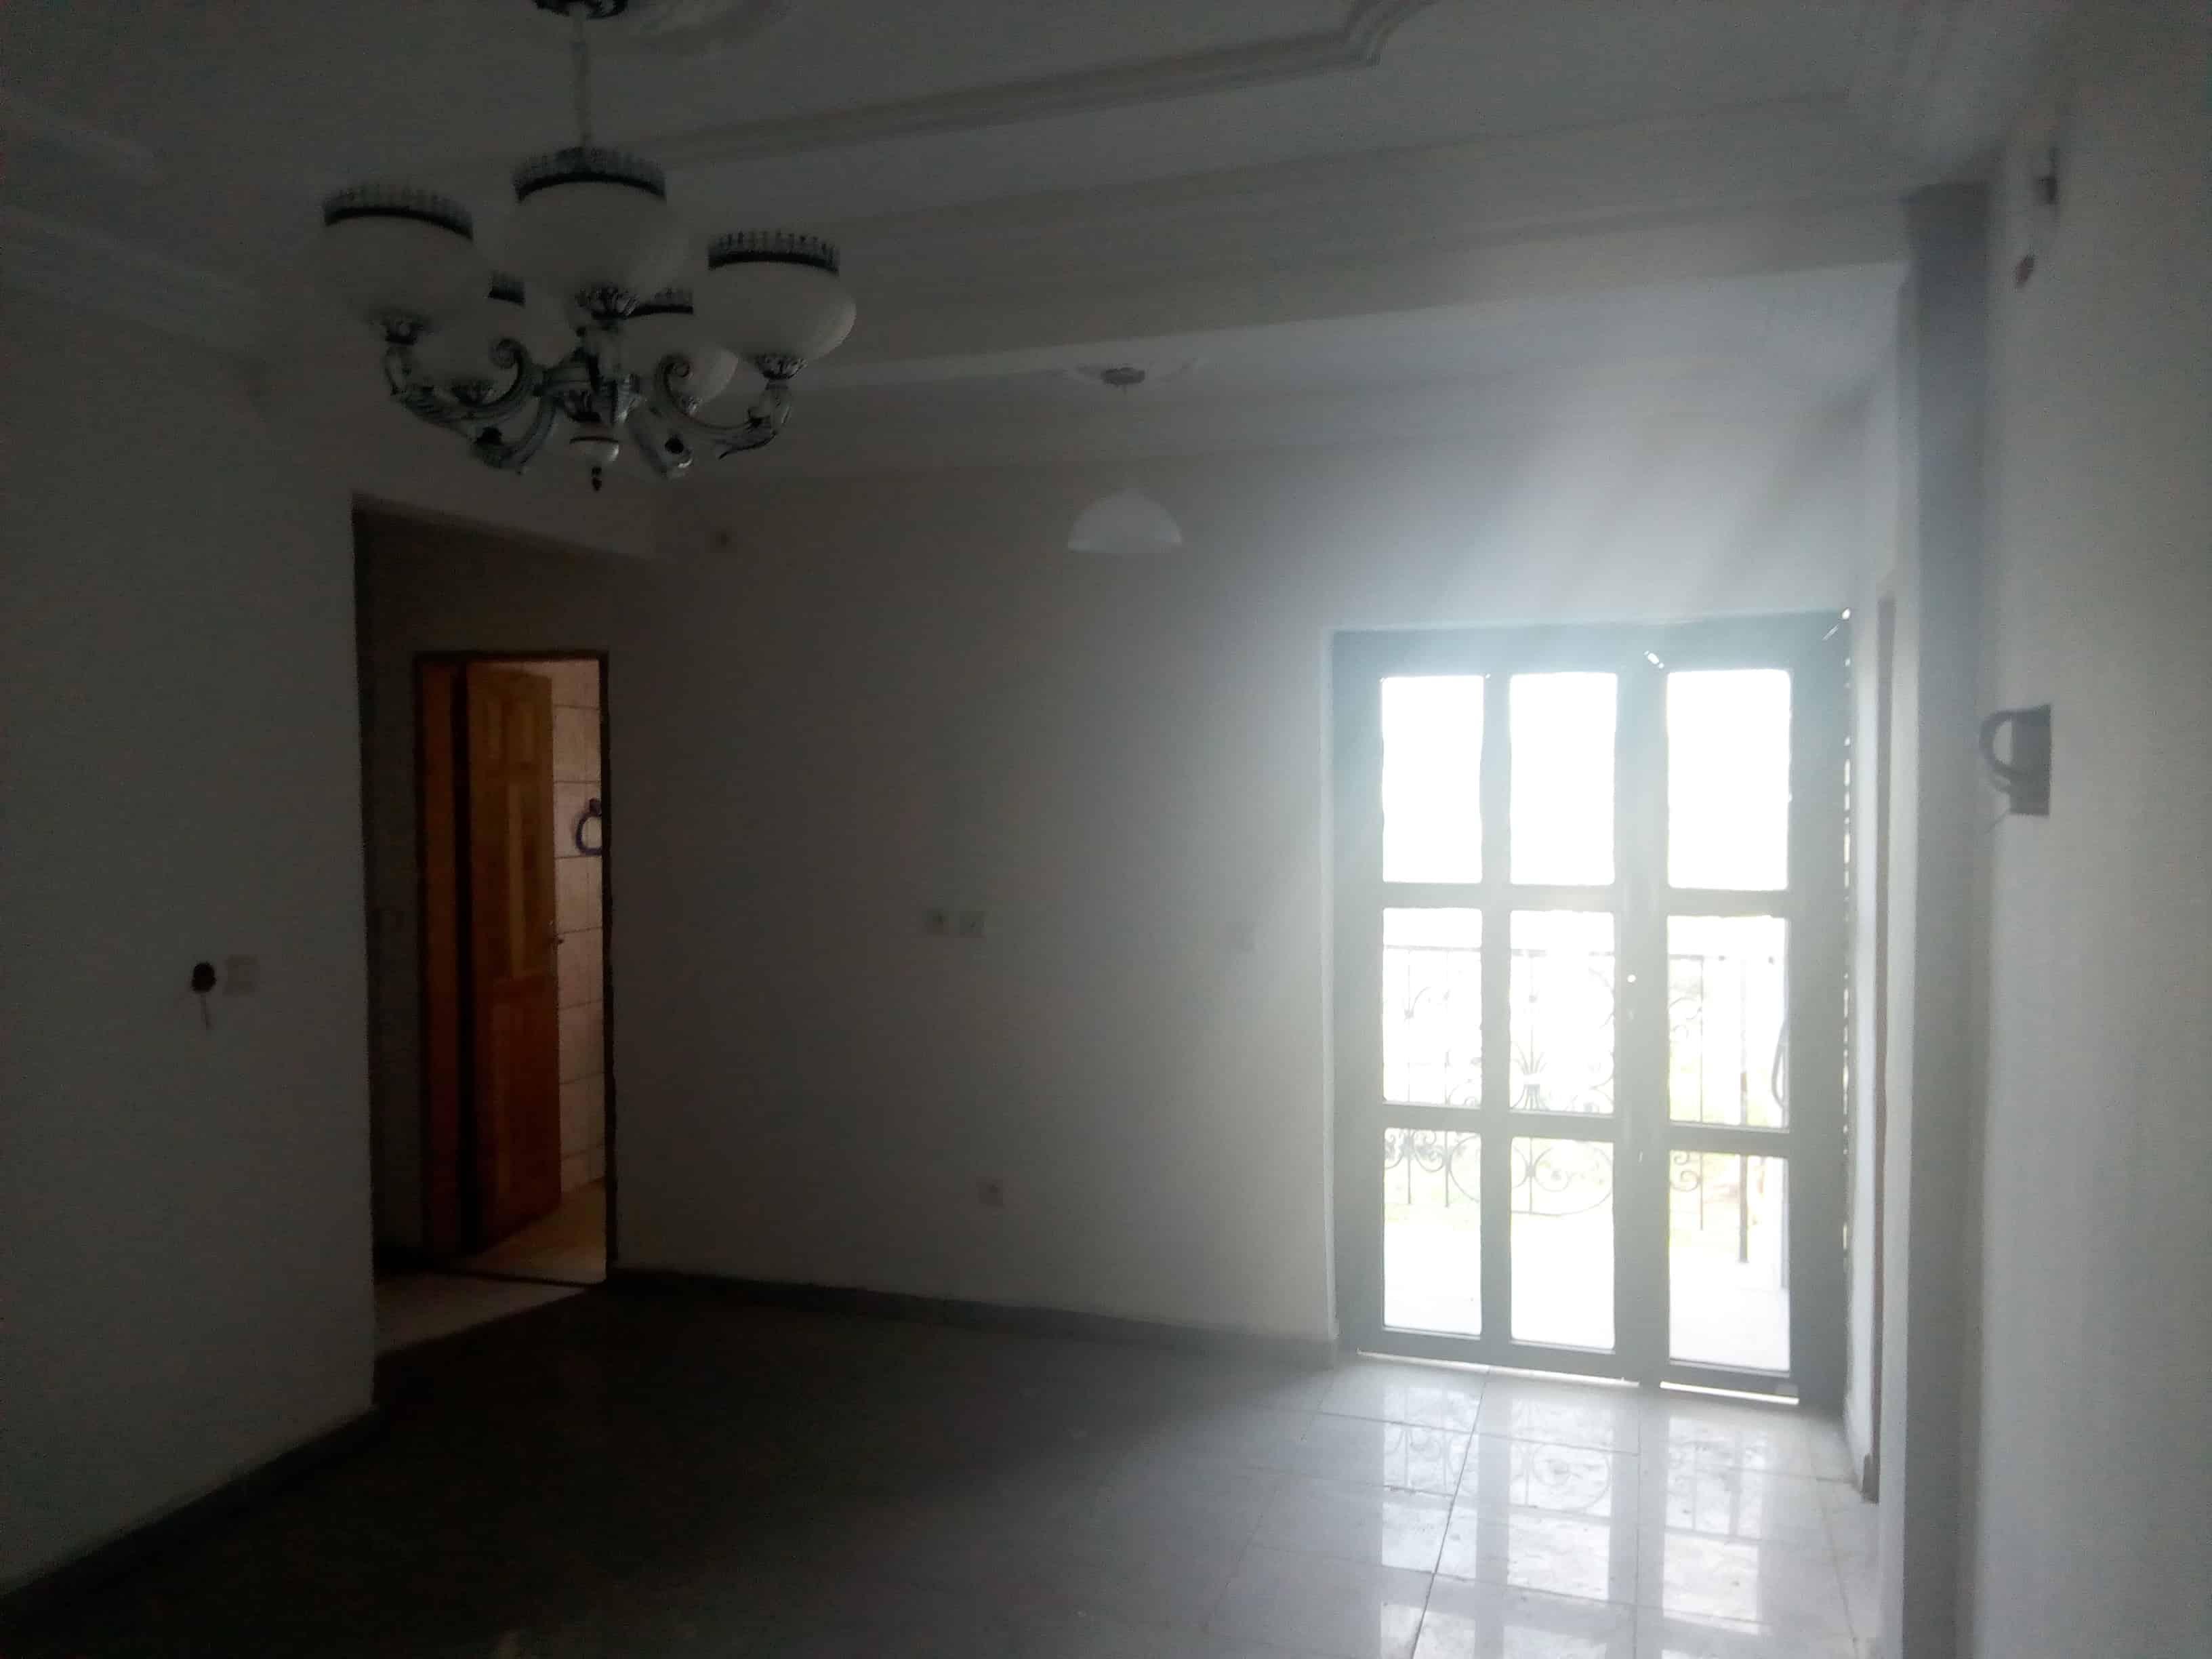 Apartment to rent - Douala, PK 14, Logbessou, Très bien placé - 1 living room(s), 1 bedroom(s), 1 bathroom(s) - 80 000 FCFA / month